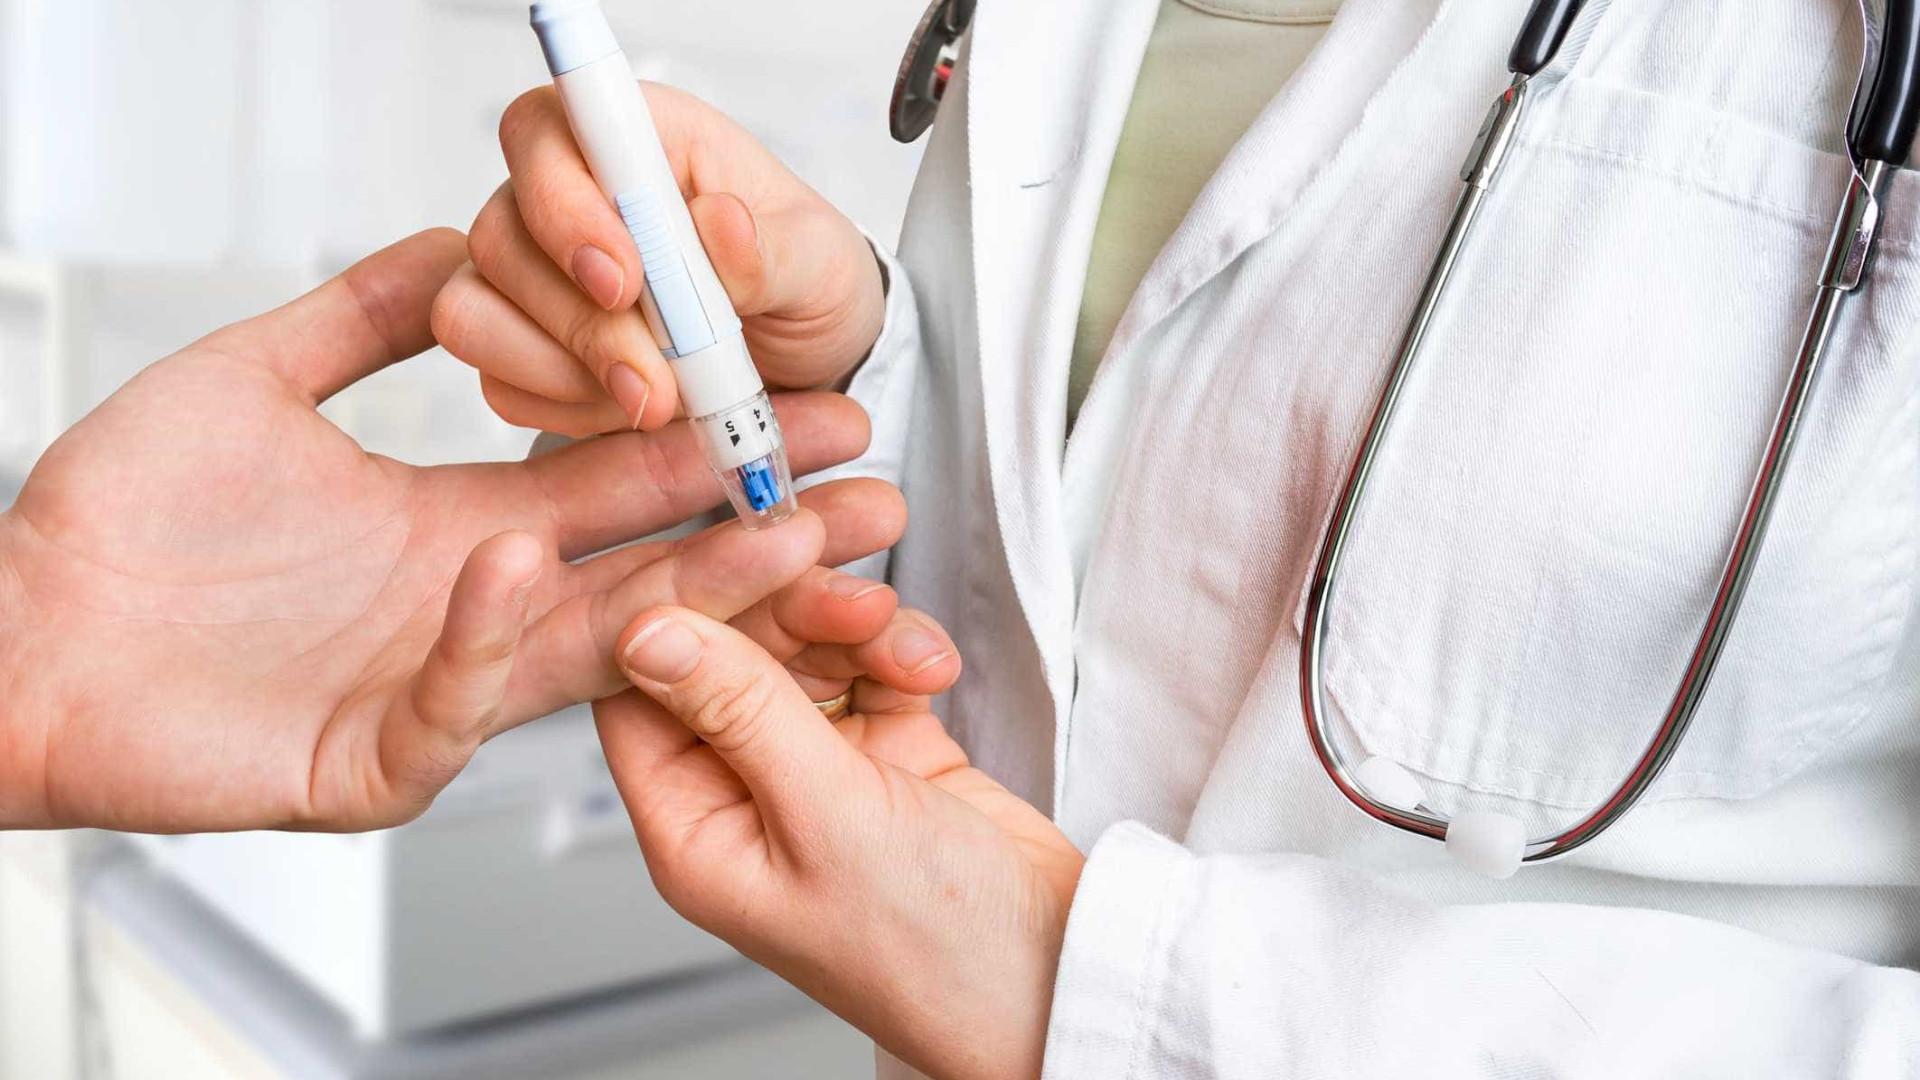 Doenças cardiovasculares são a principal causa de morte no diabetes